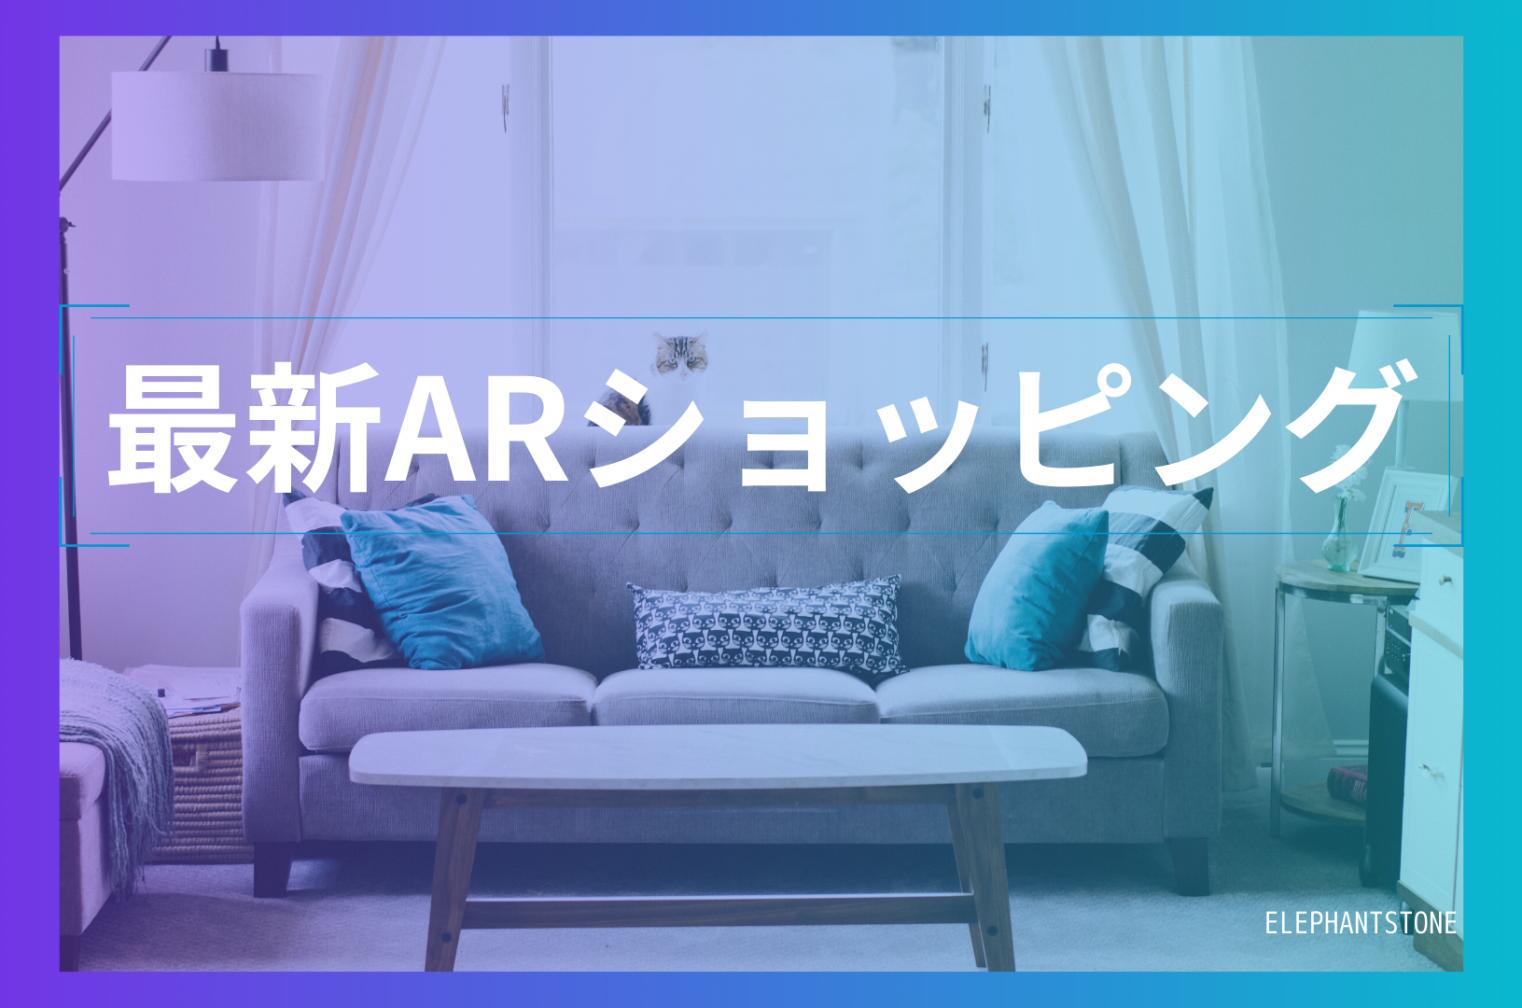 ARがインテリアの未来を変える。「ARショッピング」はもう始まっている